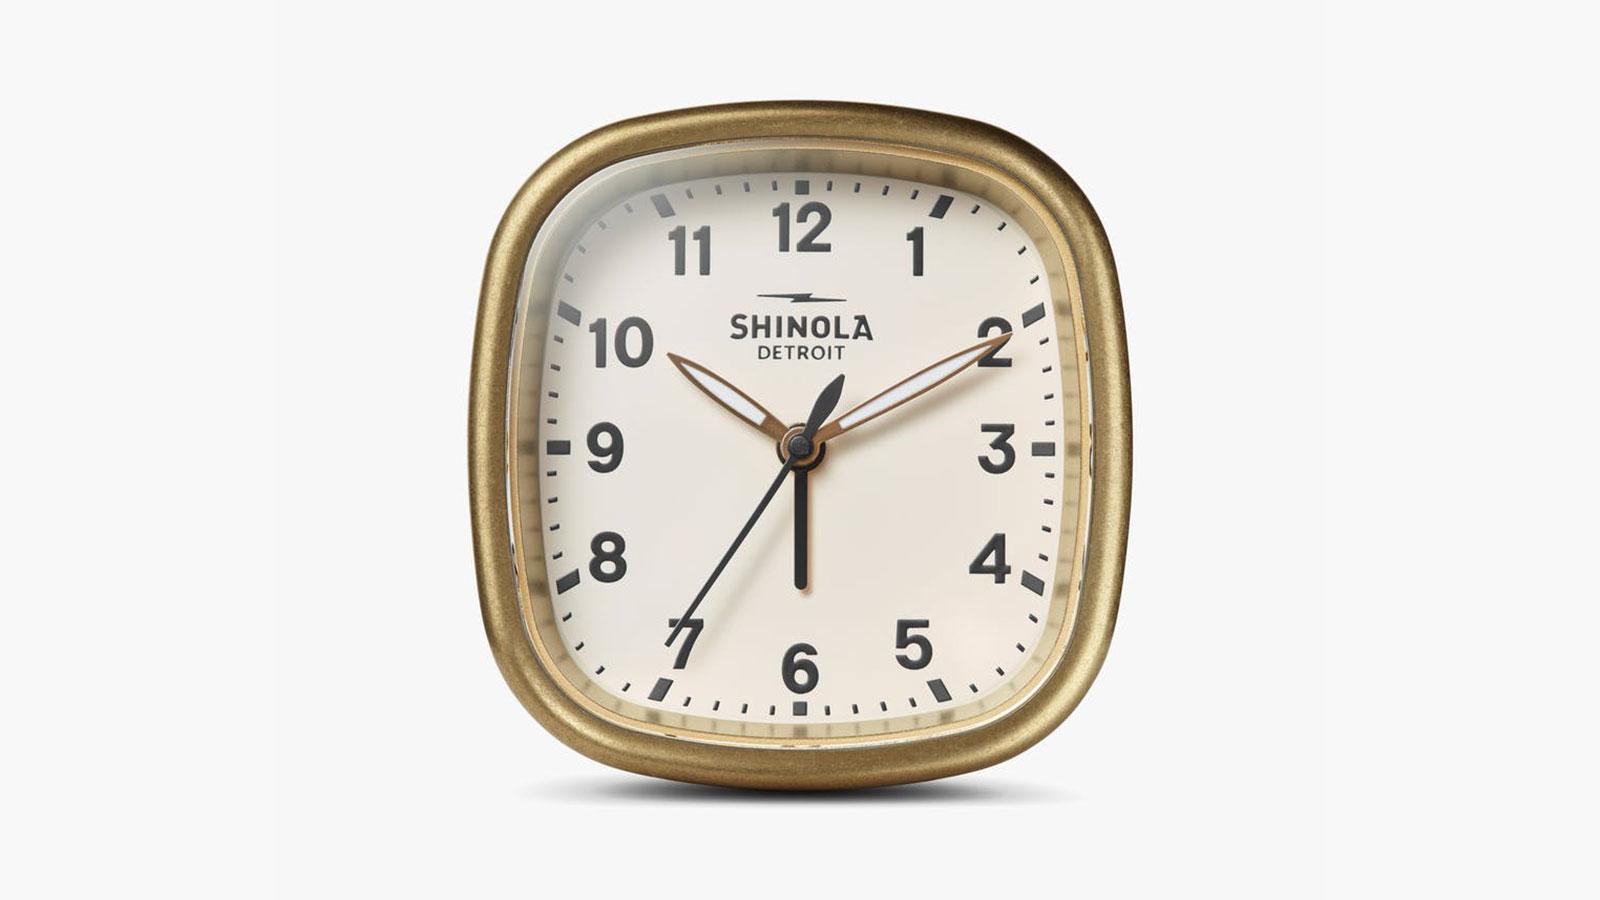 Shinola Guardian Travel Alarm Clock